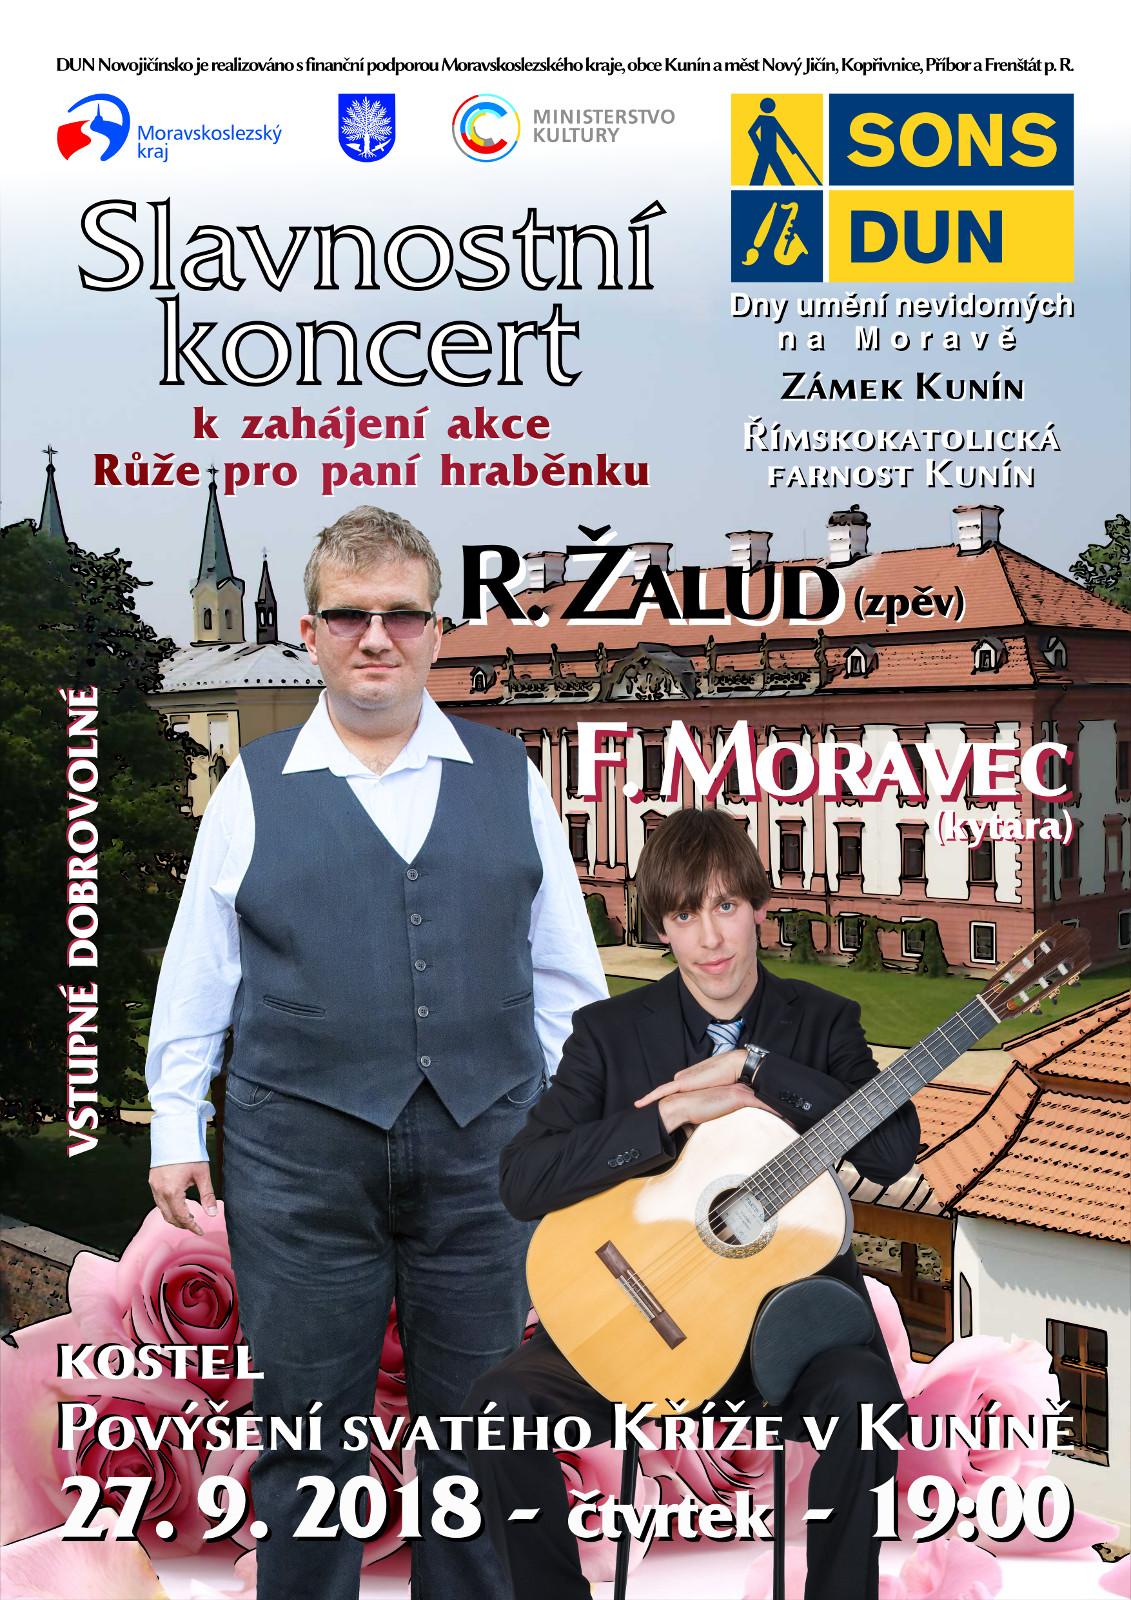 Pozvánka na Slavnostní koncert k zahájení akce Růže pro paní hraběnku v Kuníně v rámci DUN na Moravě.